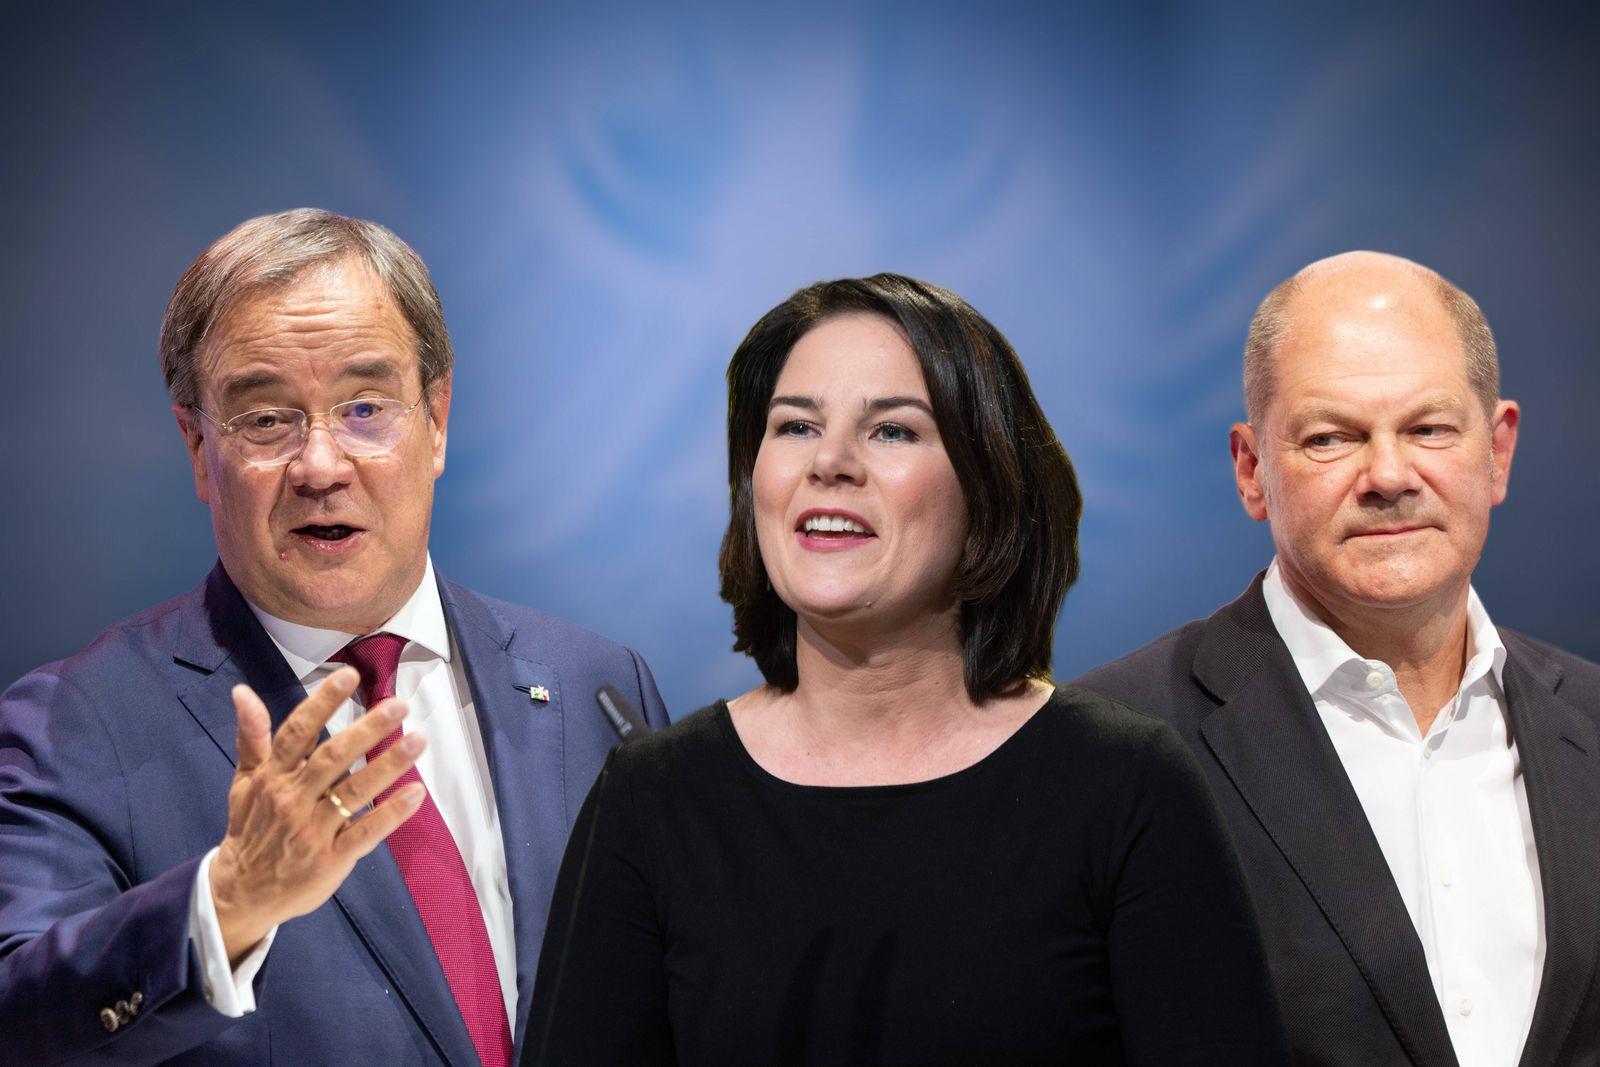 FOTOMONTAGE: Die Kanzlerkandidaten zur Bundestagswahl 2021: v.li:Armin LASCHET (CDU),Annalena BAERBOCK, (Buendnis 90/die